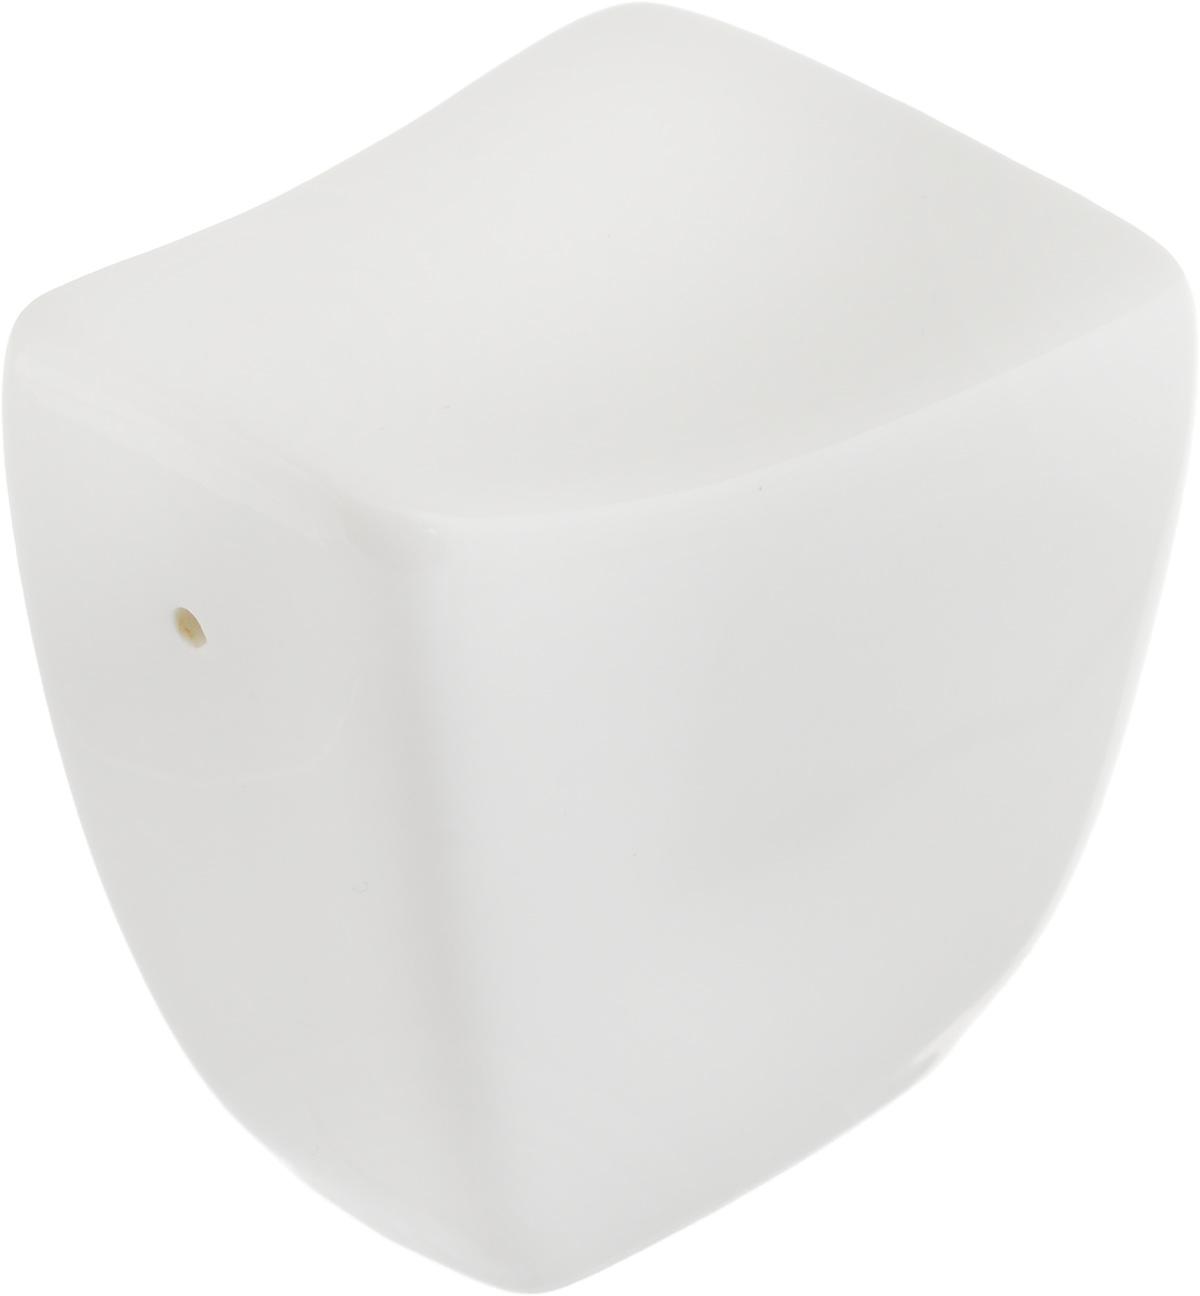 Перечница Ariane Rectangle, 6,5 х 5,5 х 4 смAVRARN72001Перечница Ariane Rectangle изготовлена из высококачественного фарфора белого цвета. Перечница имеет одно отверстие для высыпания специй, на дне - отверстие, позволяющее наполнить емкость, снабженное силиконовой вставкой.Такая перечница украсит сервировку вашего стола и подчеркнет прекрасный вкус хозяина, а также станет отличным подарком.Можно мыть в посудомоечной машине.